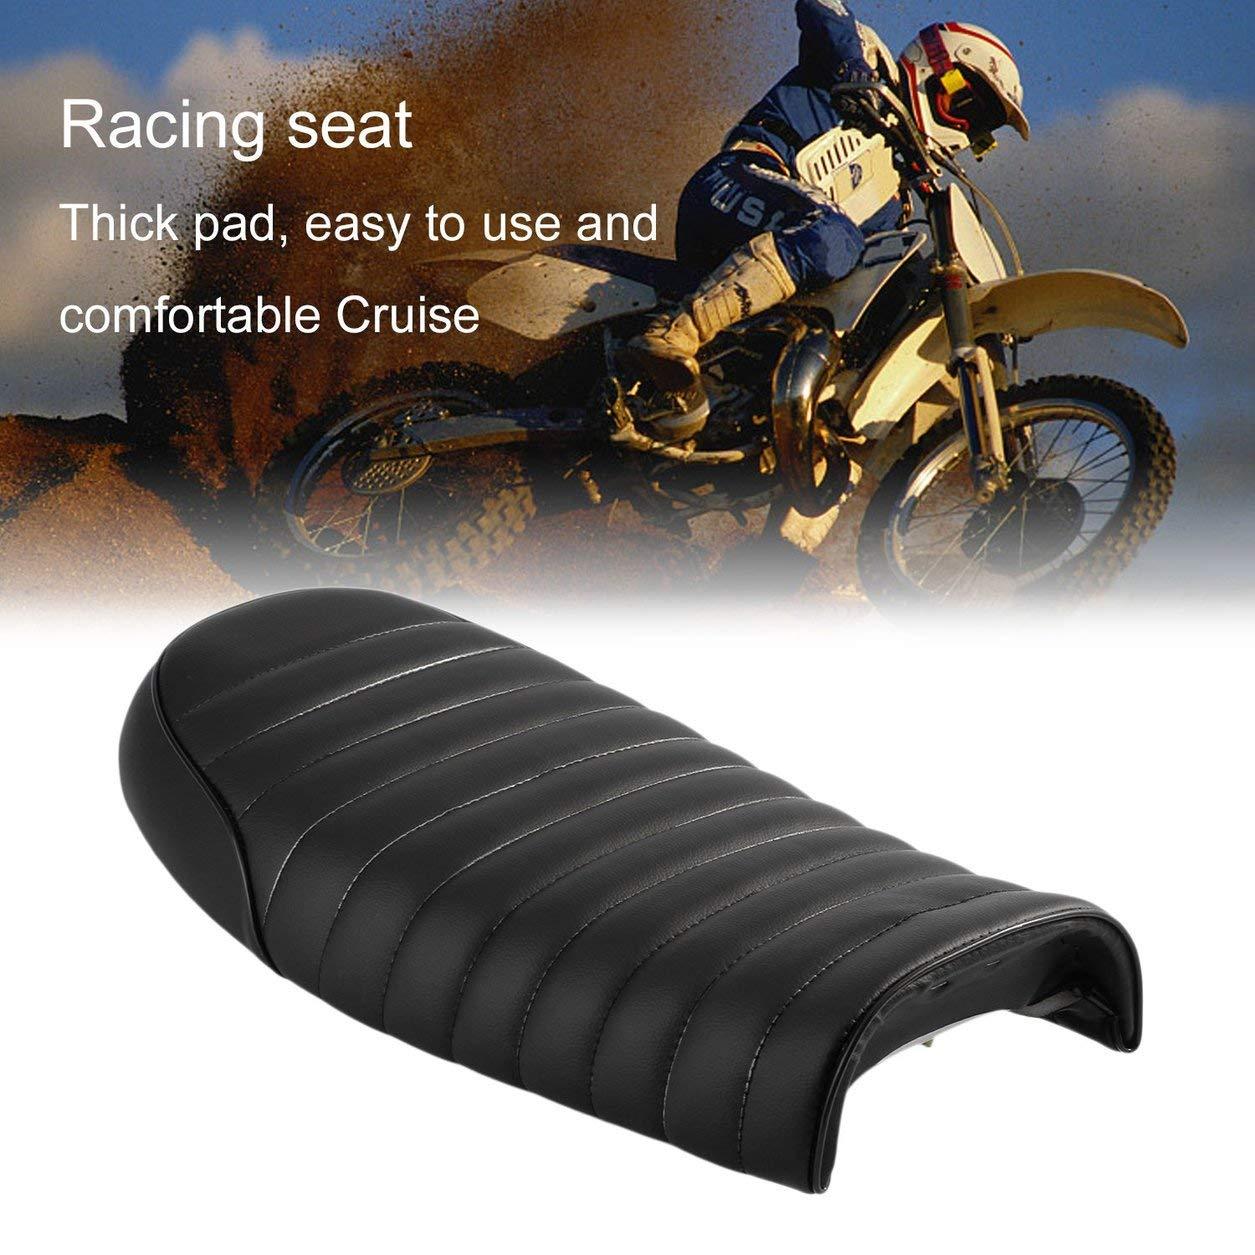 Asiento Universal Racer para café hecho de cuero acolchado impermeable con esponja universal para Honda Serie CG Motocicletta, negro Dailyinshop